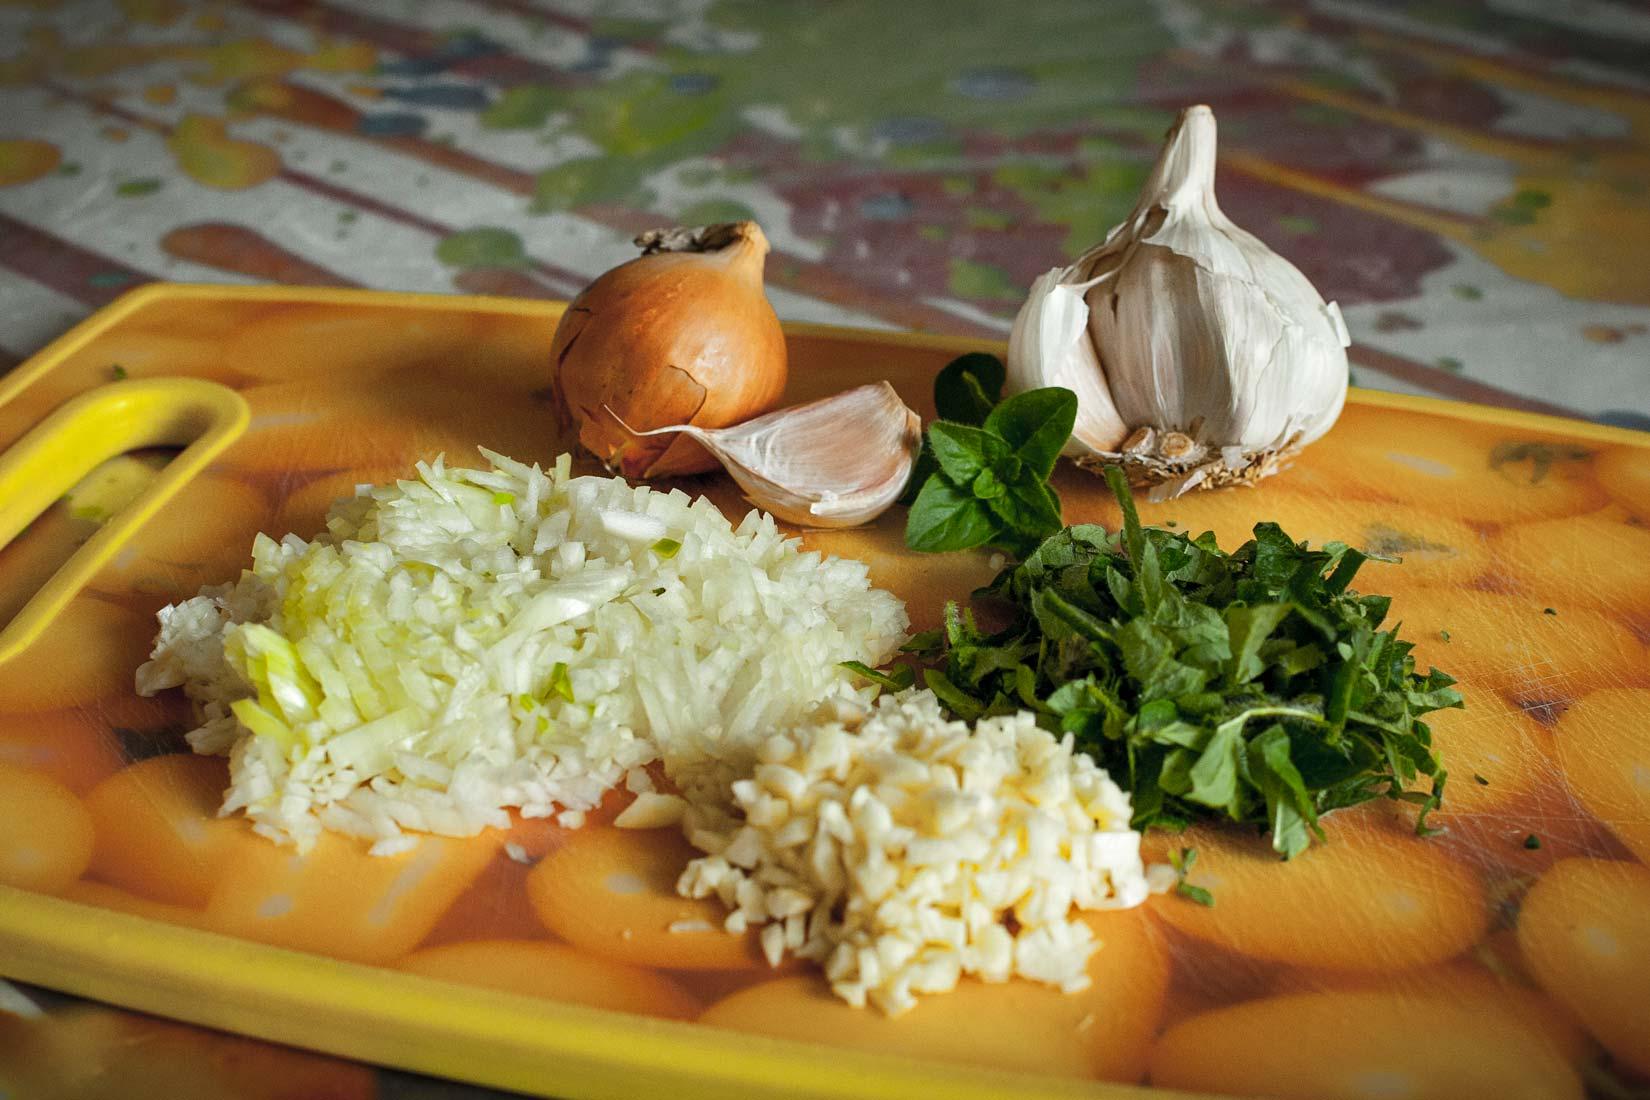 Nezbytné ingredience - cibule, česnek a oregano